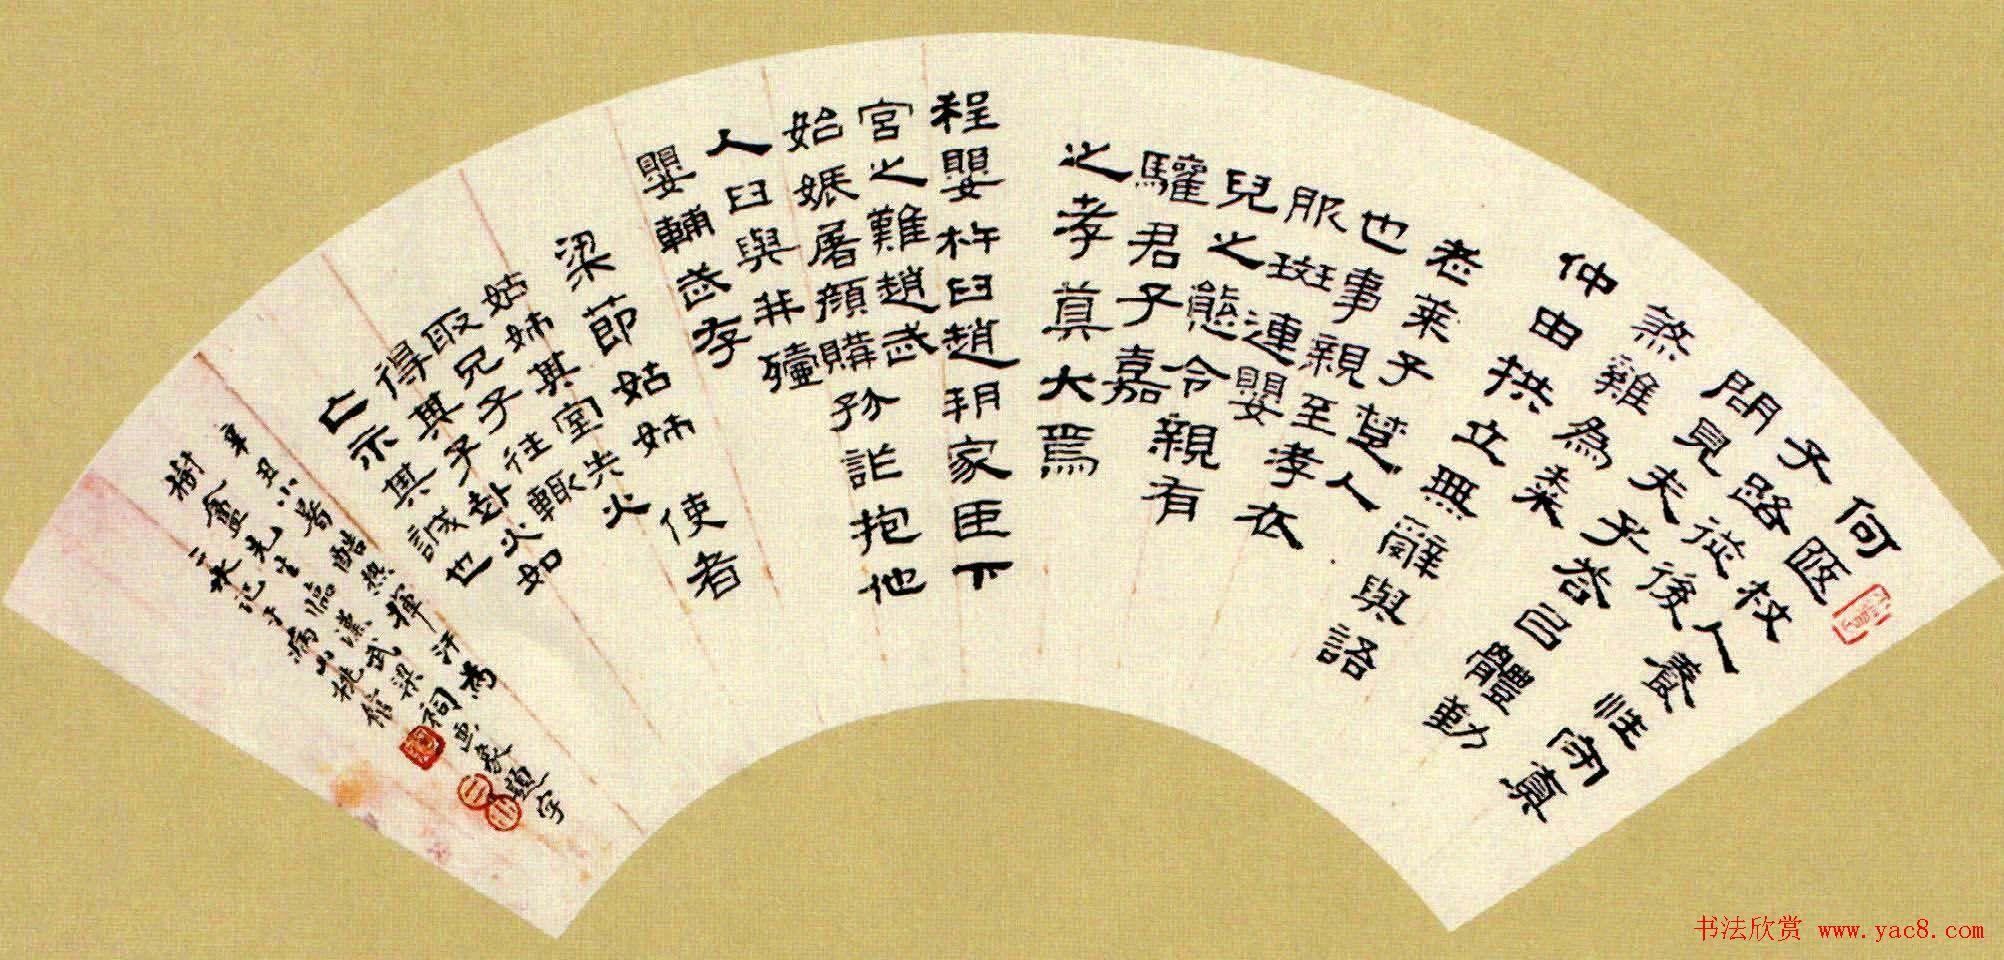 刘炳森老师何二水书法作品欣赏